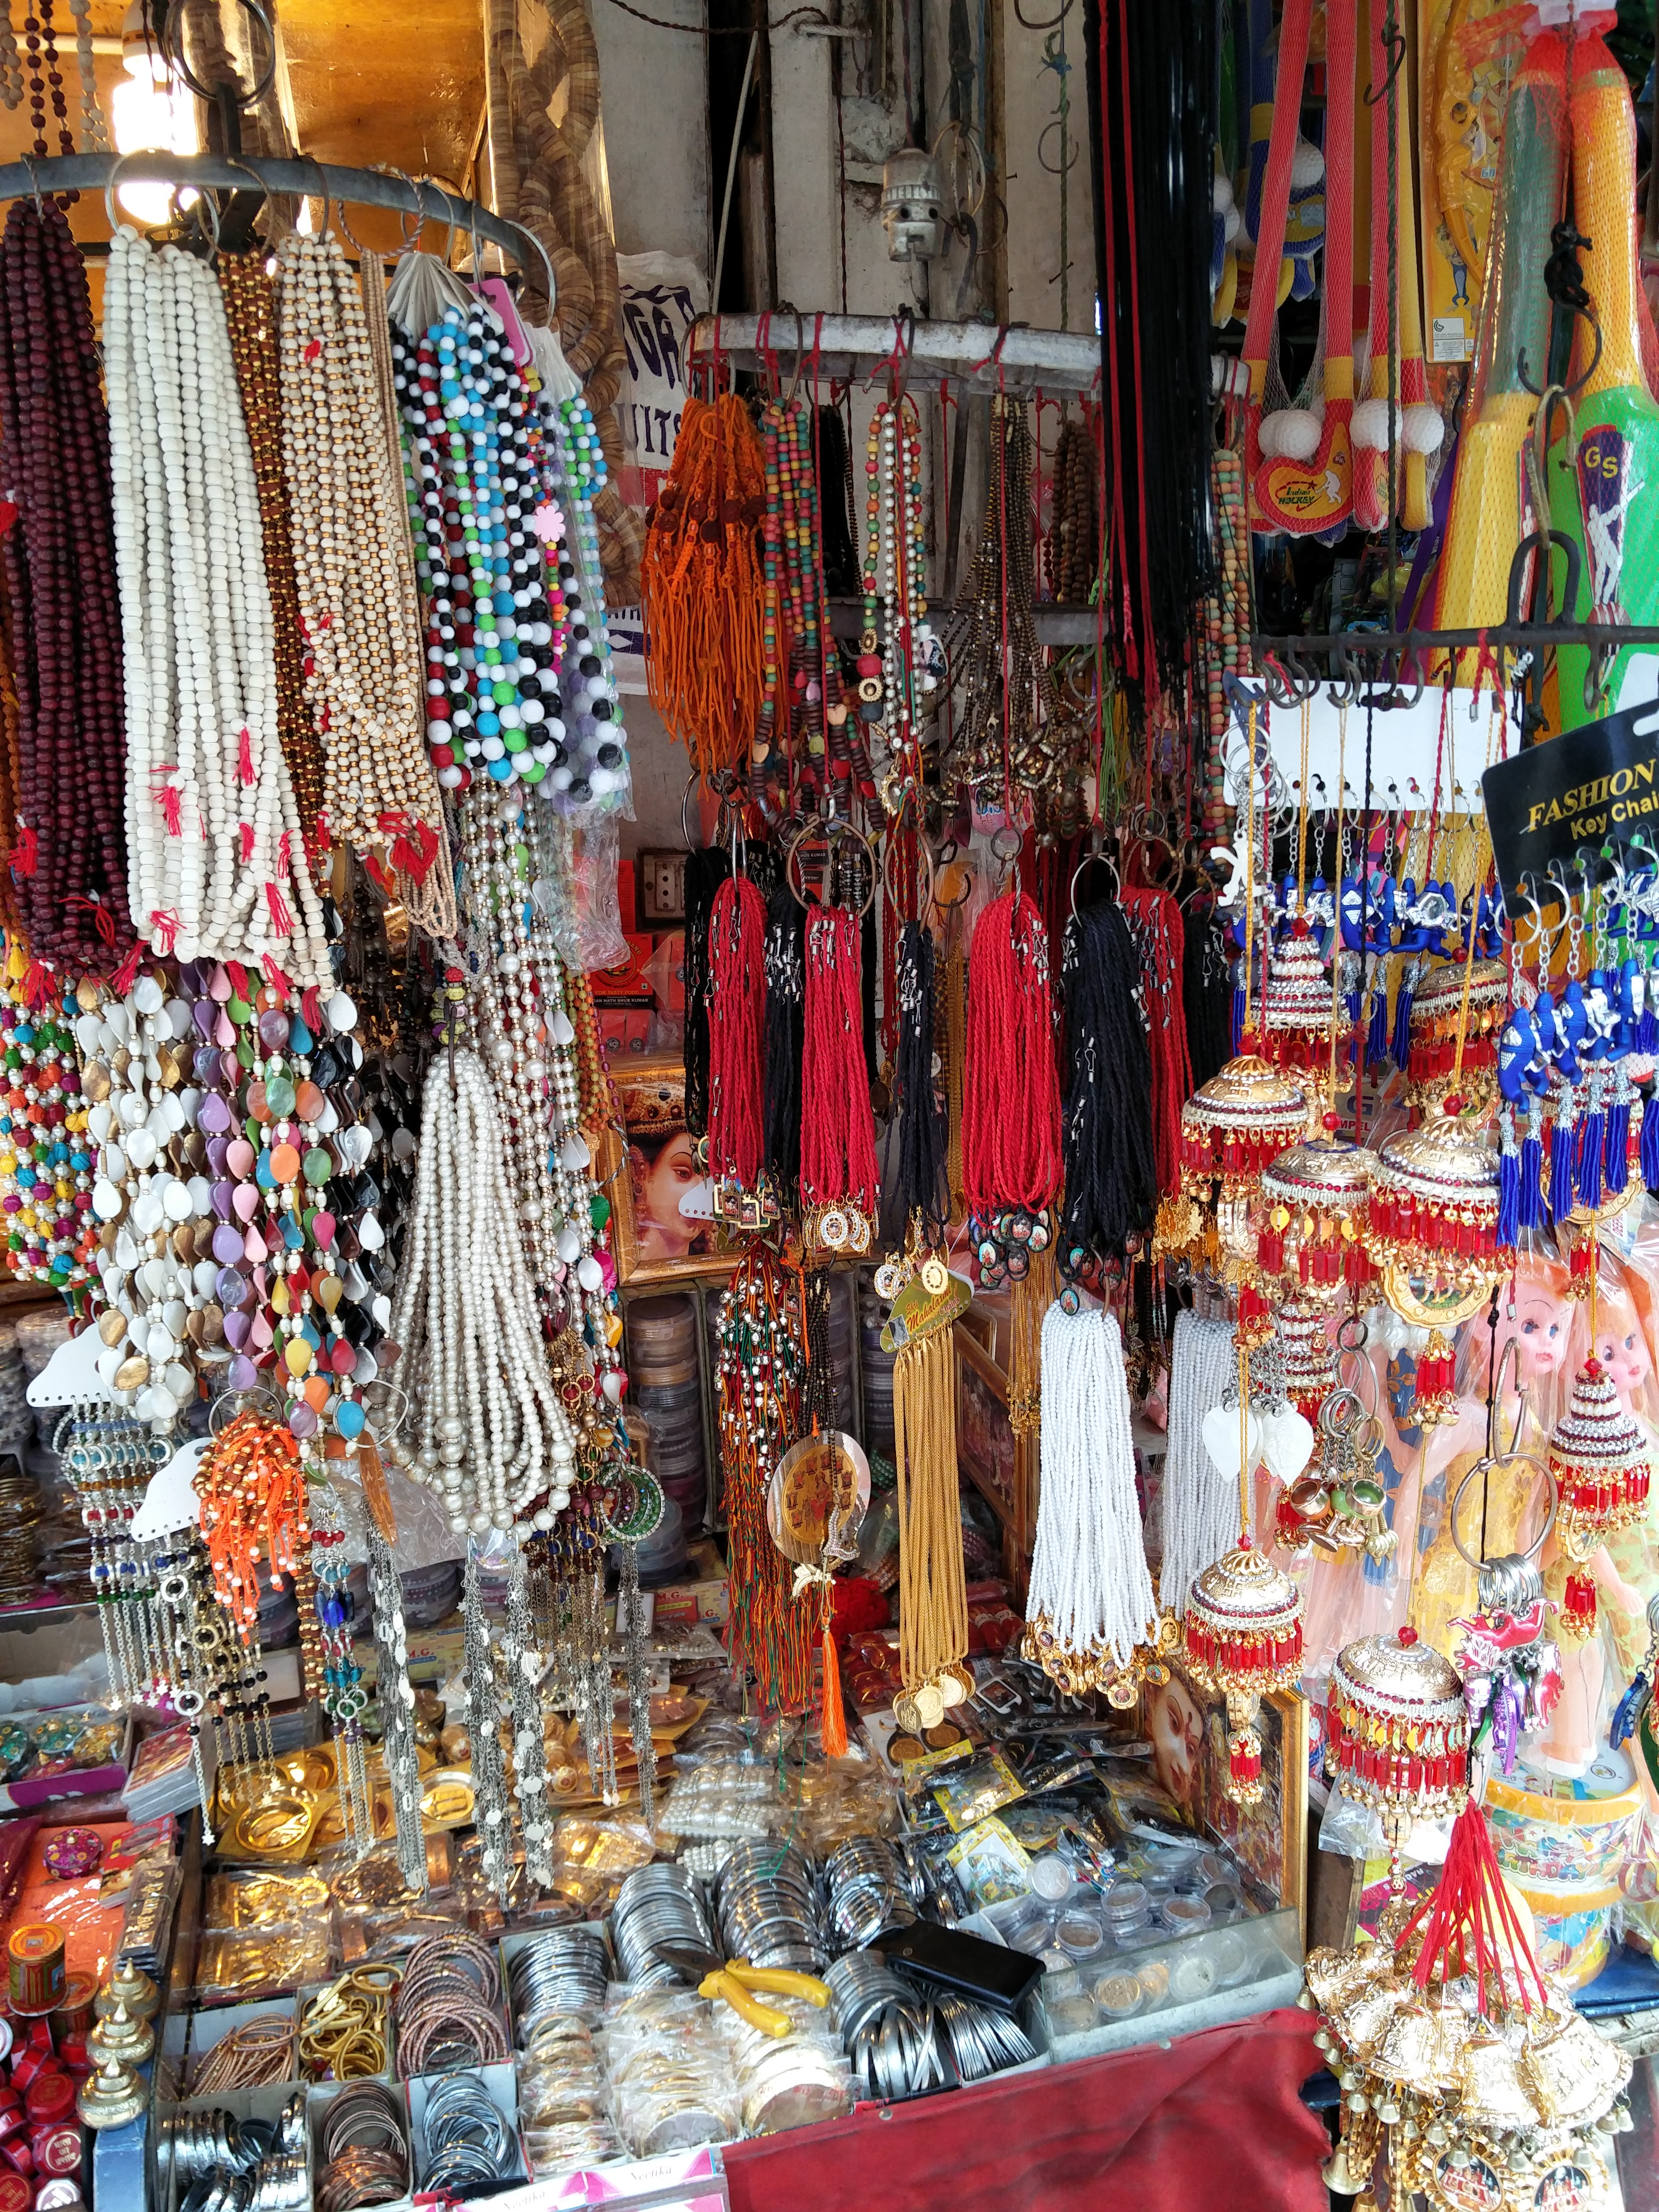 colors-of-faith_skd_sandeep-dahiya